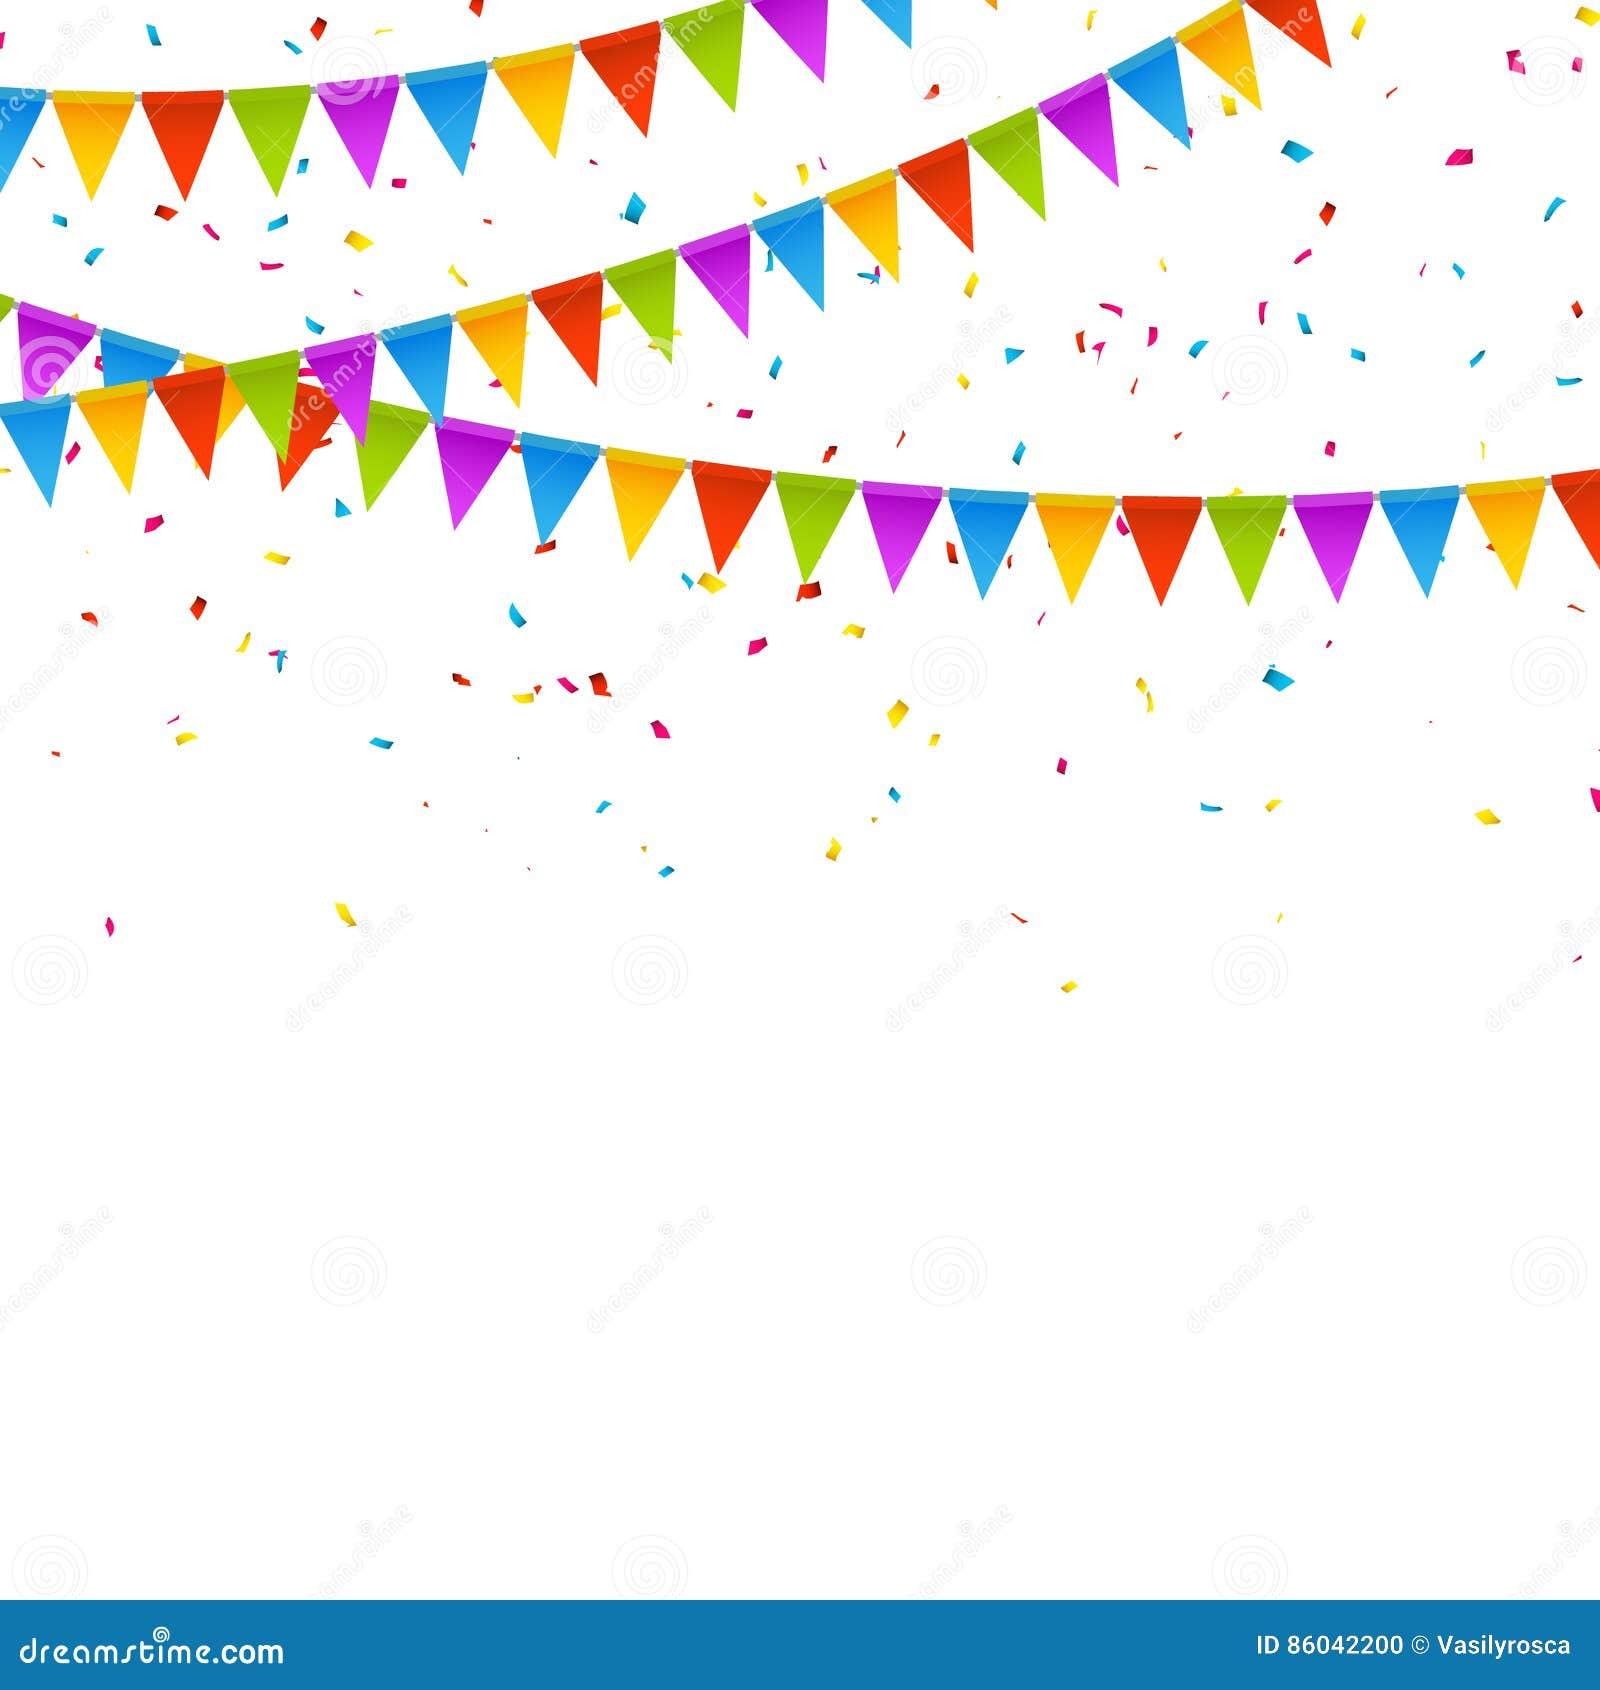 vector festive card with confetti  party invitation design